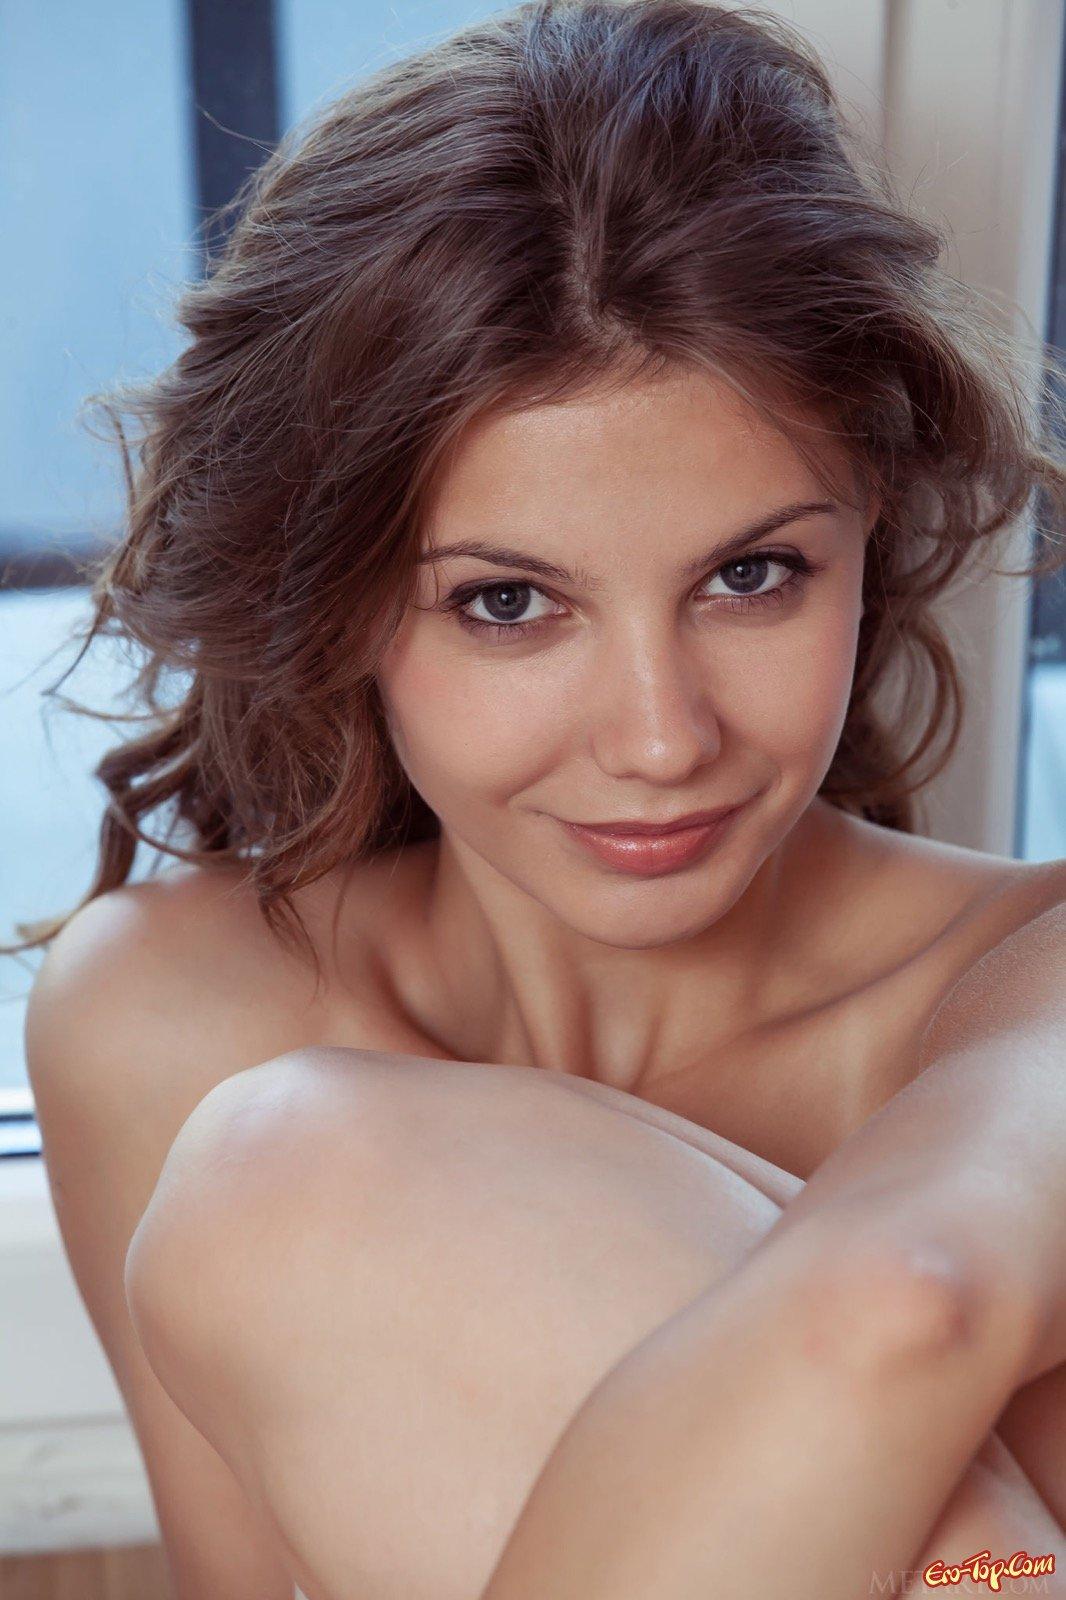 Стройная брюнеточка фоткается голенькой около окна секс фото